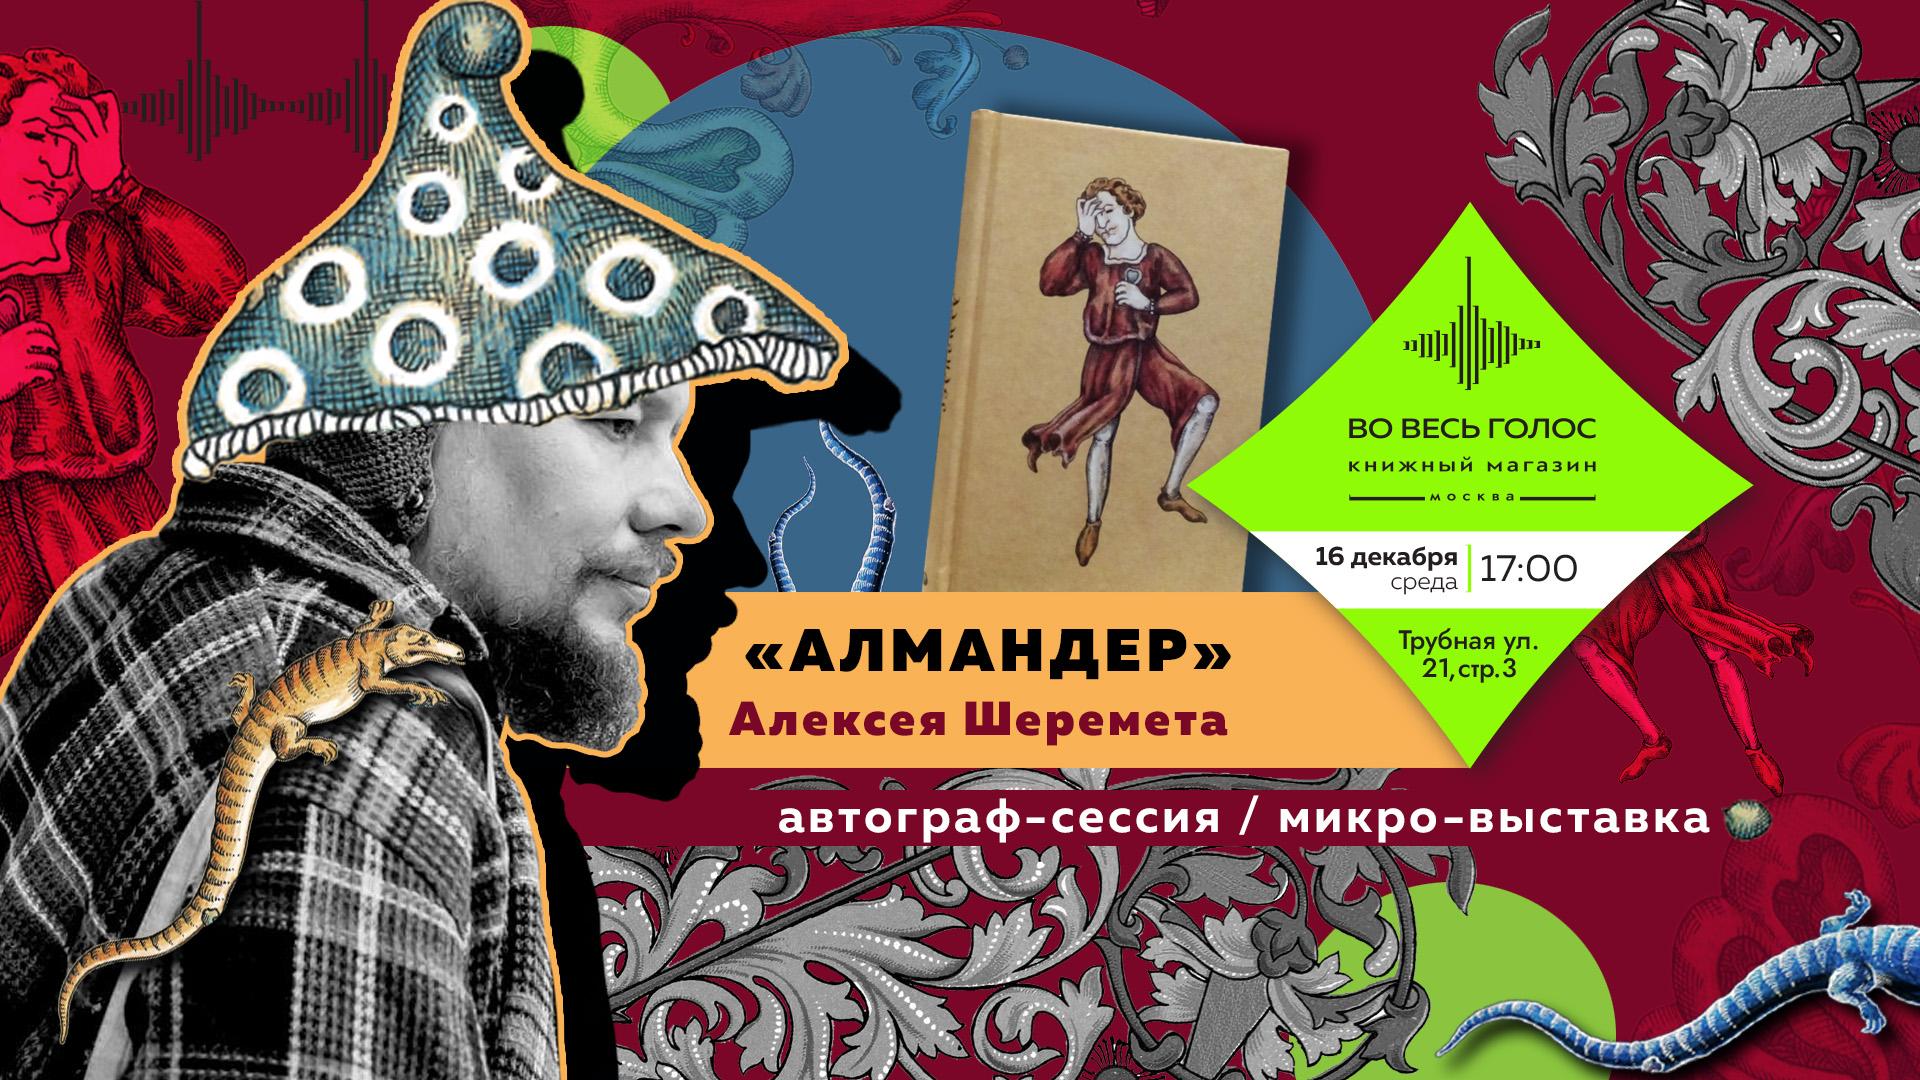 Алмандер Алексея Шеремета. Автограф-сессия